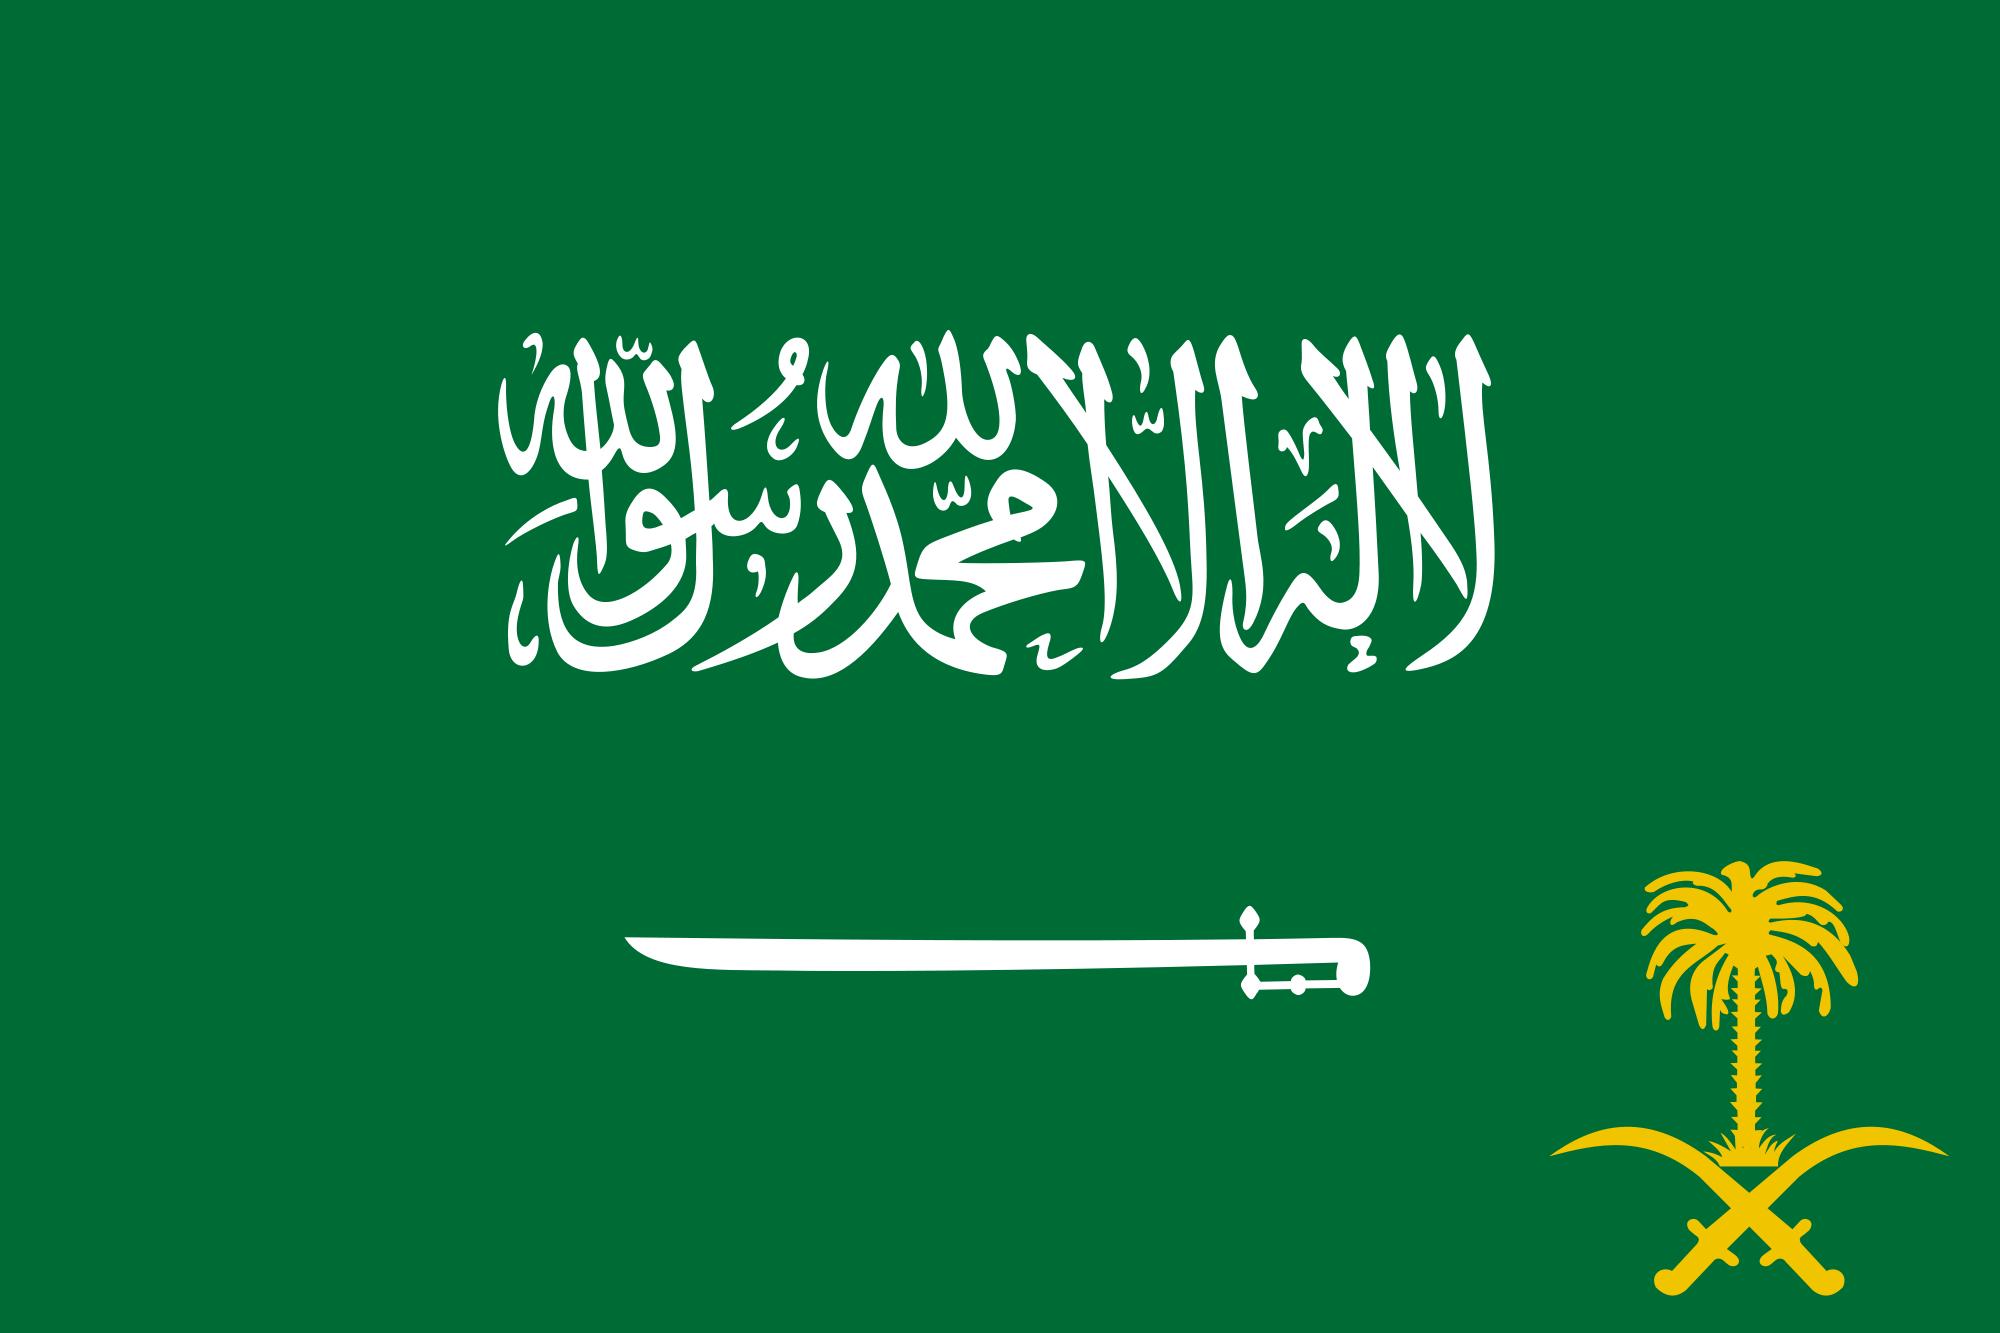 صوره معلومات عن المملكة العربية السعودية